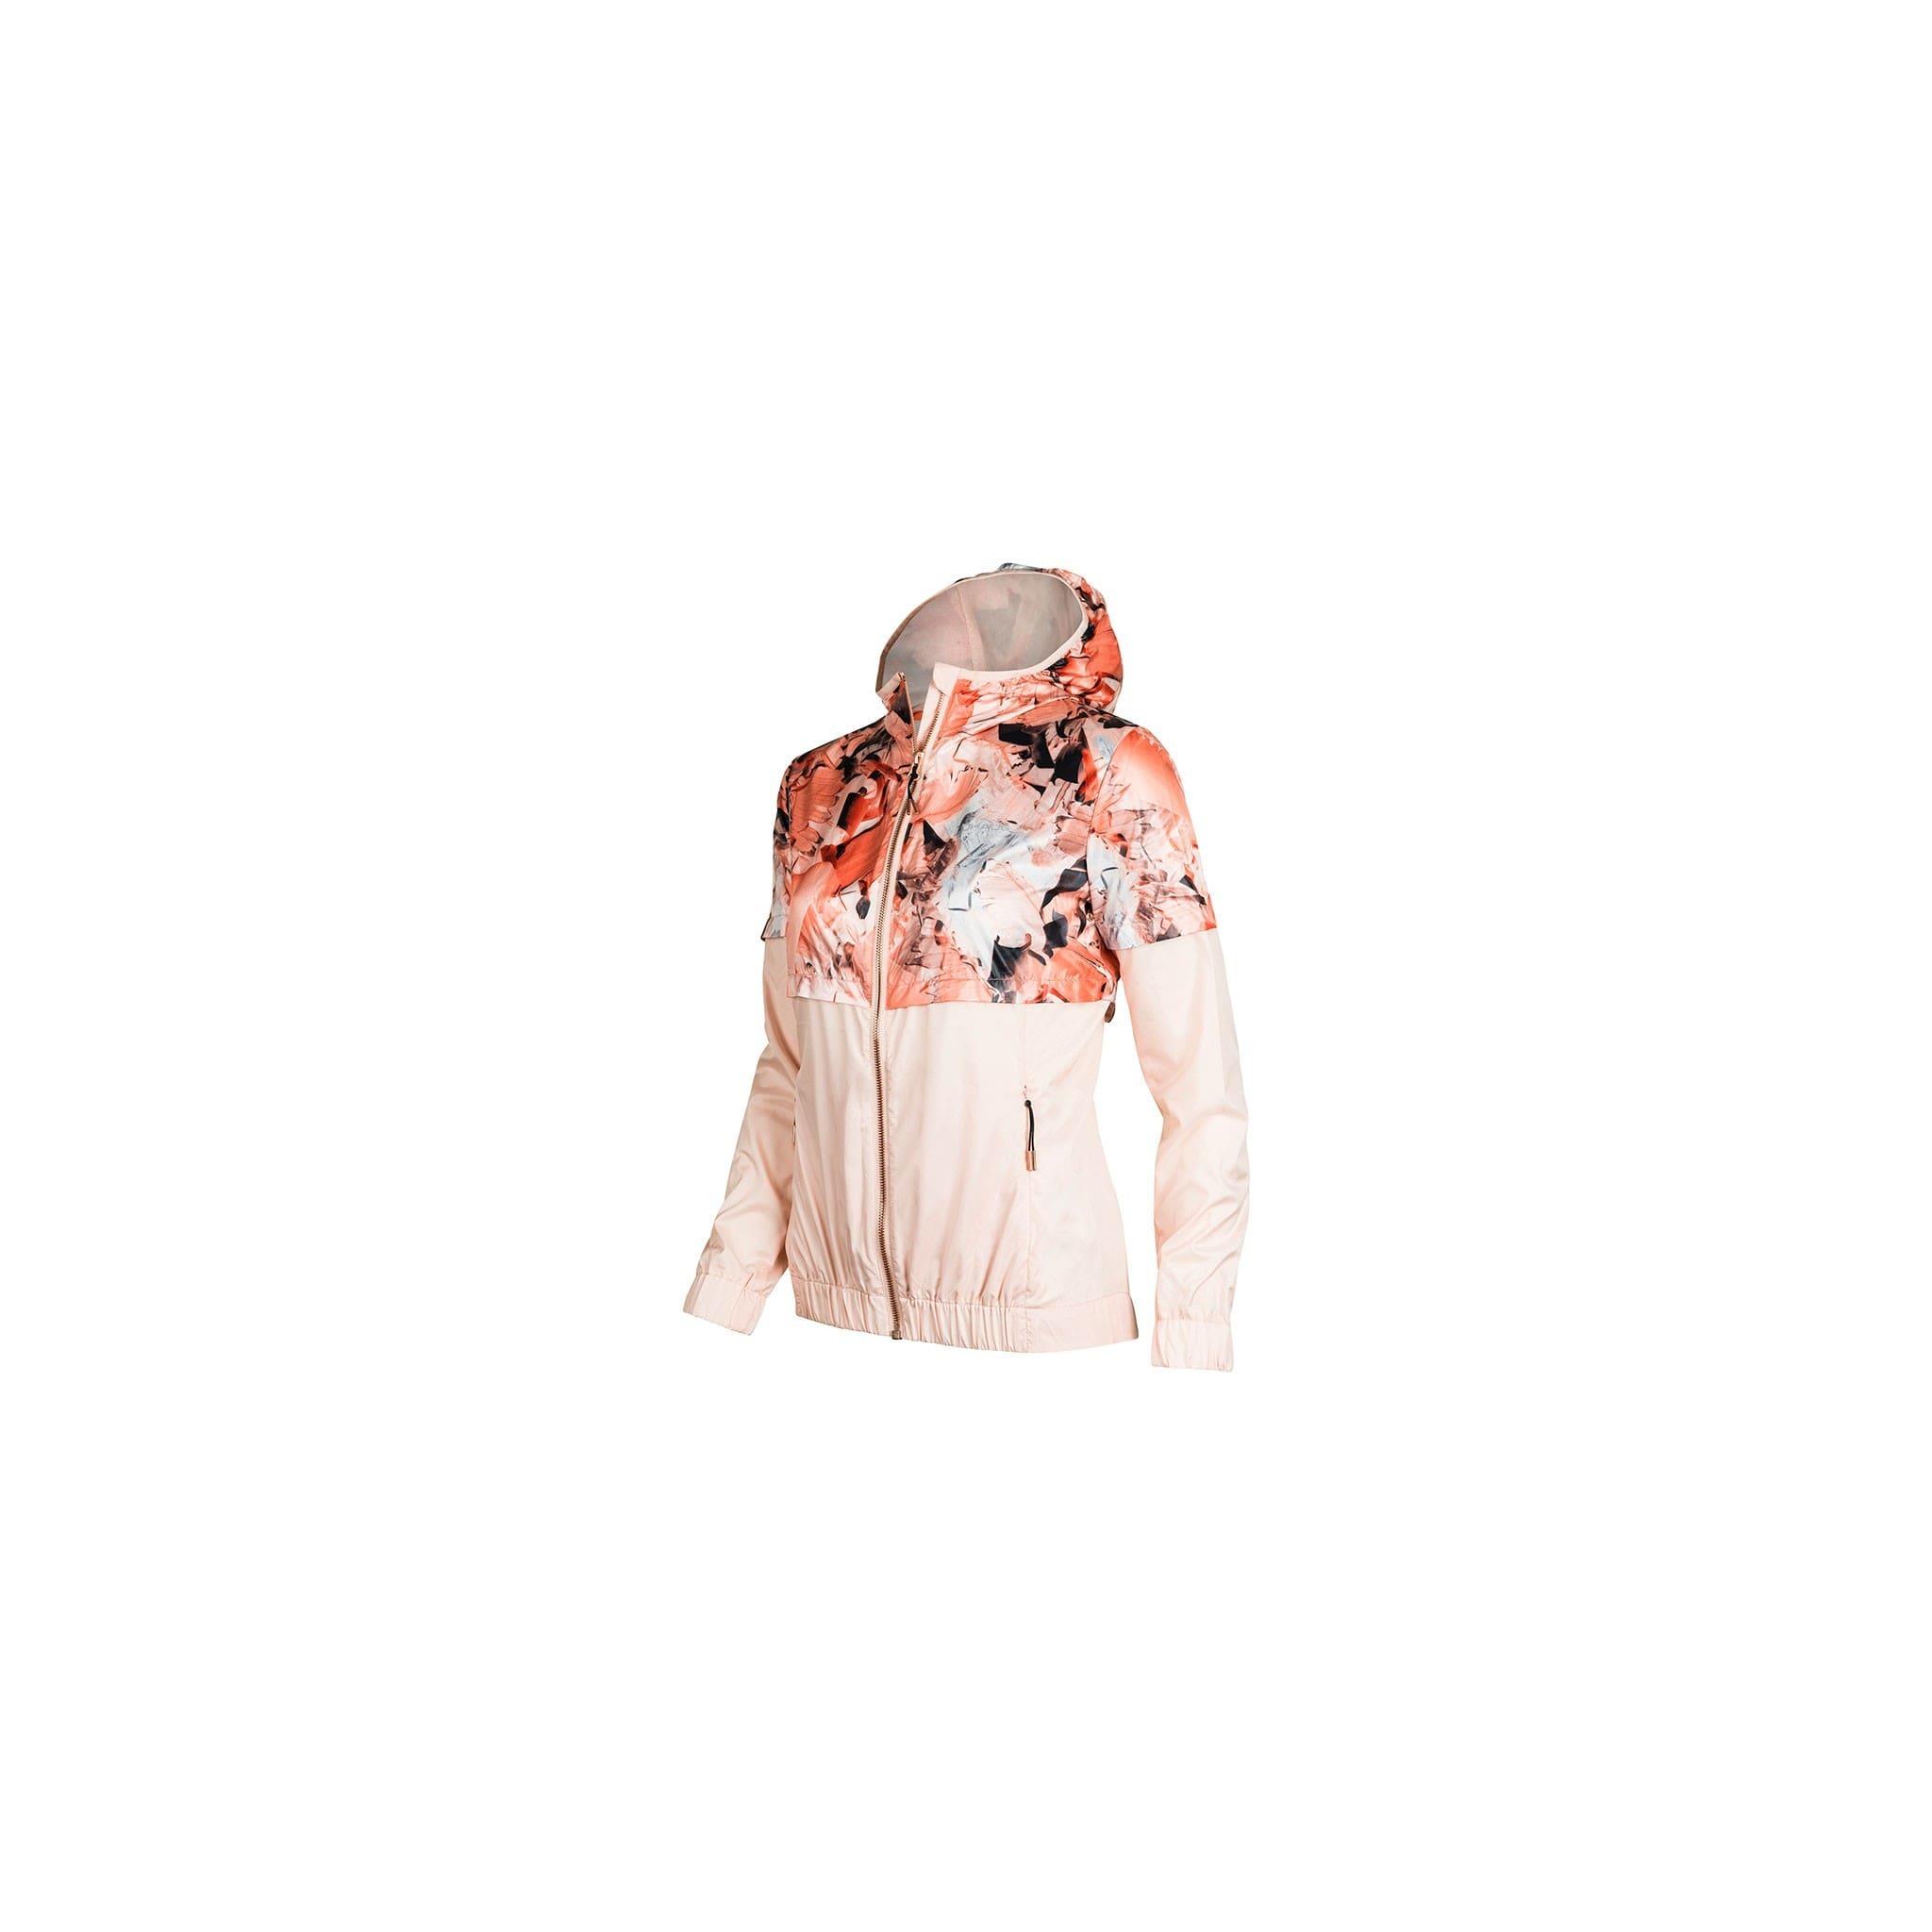 Lett, funksjonell og feminin jakke